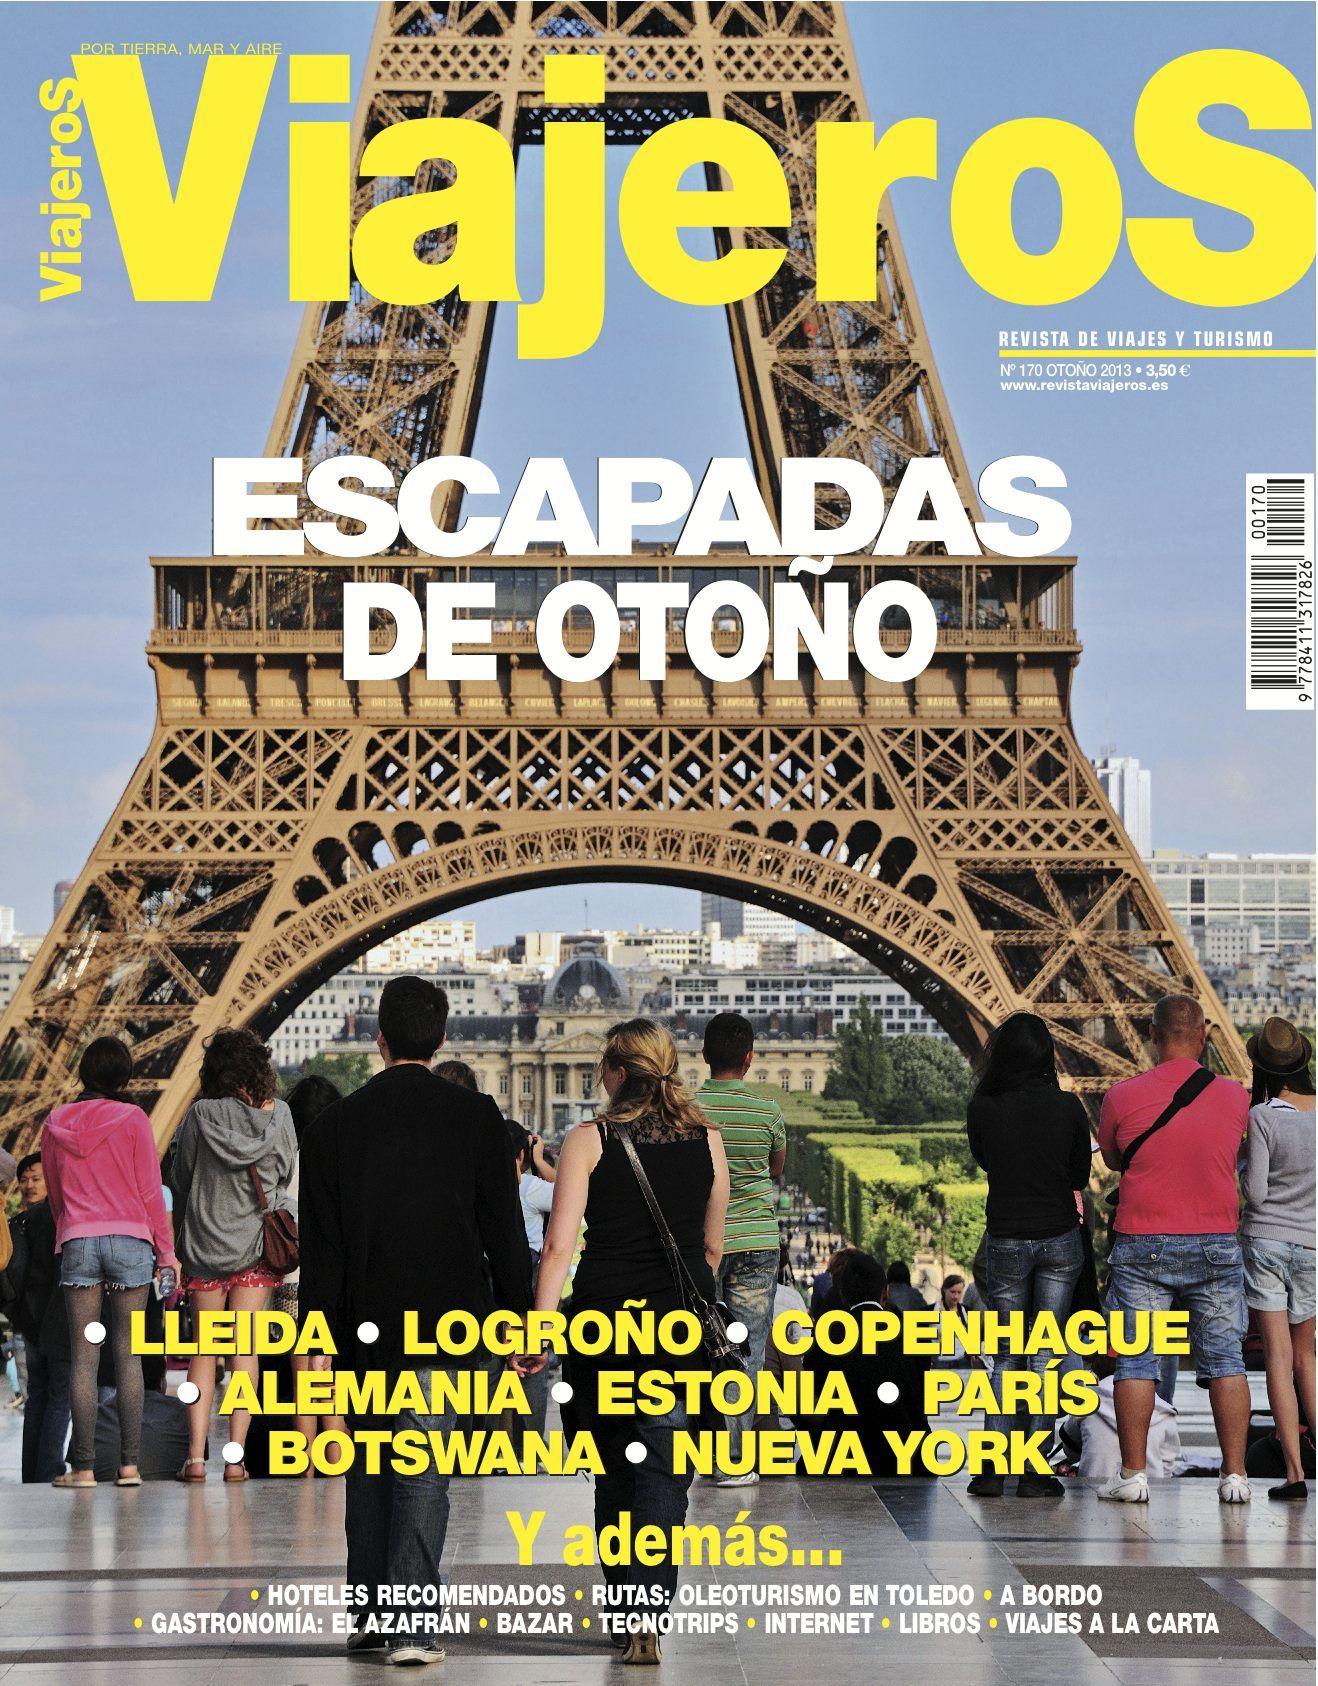 Portada de la Revista Viajeros, edición 170. Escapadas de Otoño 2013.